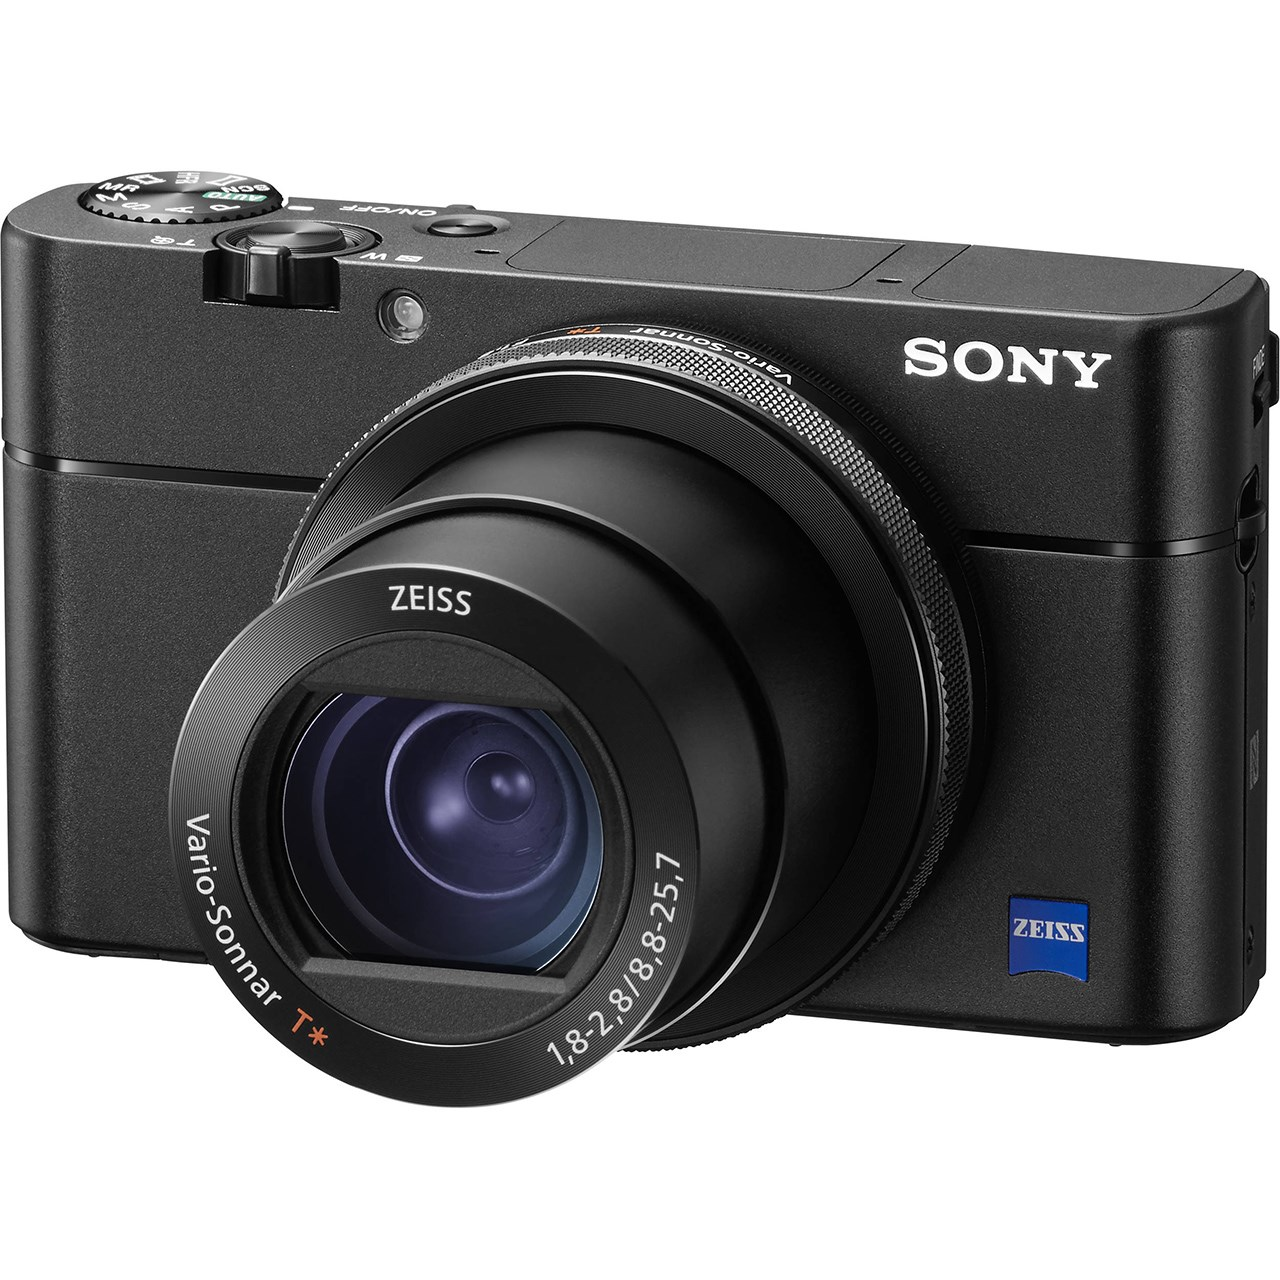 دوربین دیجیتال سونی مدل Sony RX100 V Digital Camera